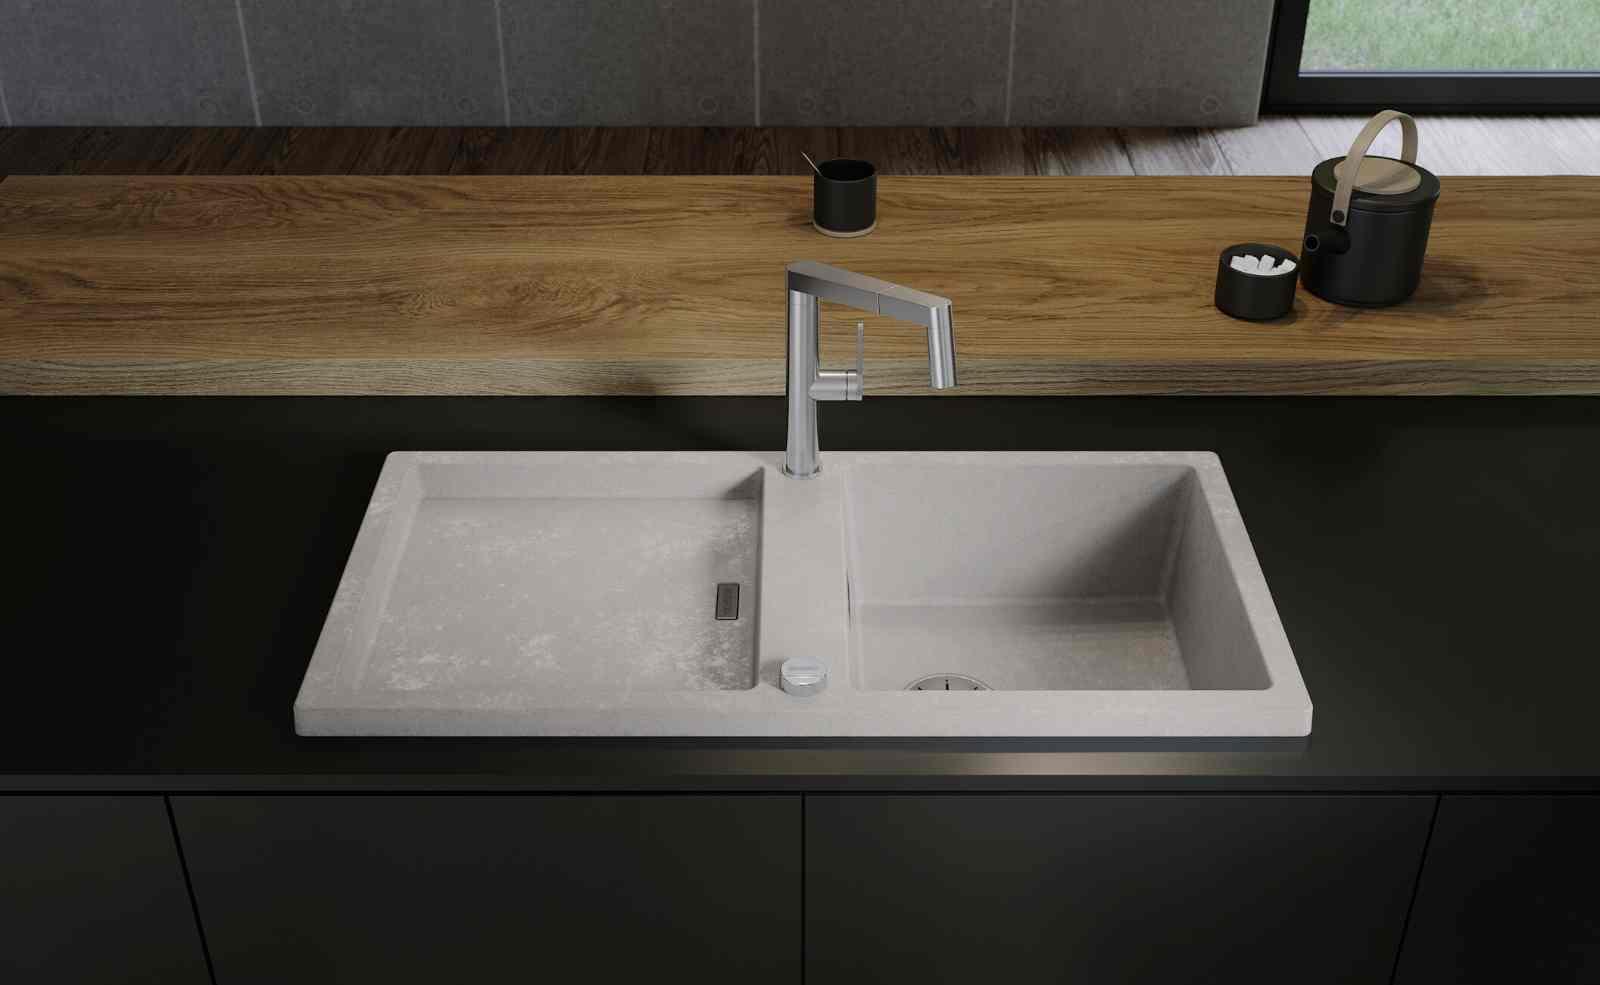 BLANCO Spülen Beton Style: Robust, pflegeleicht und authentisch